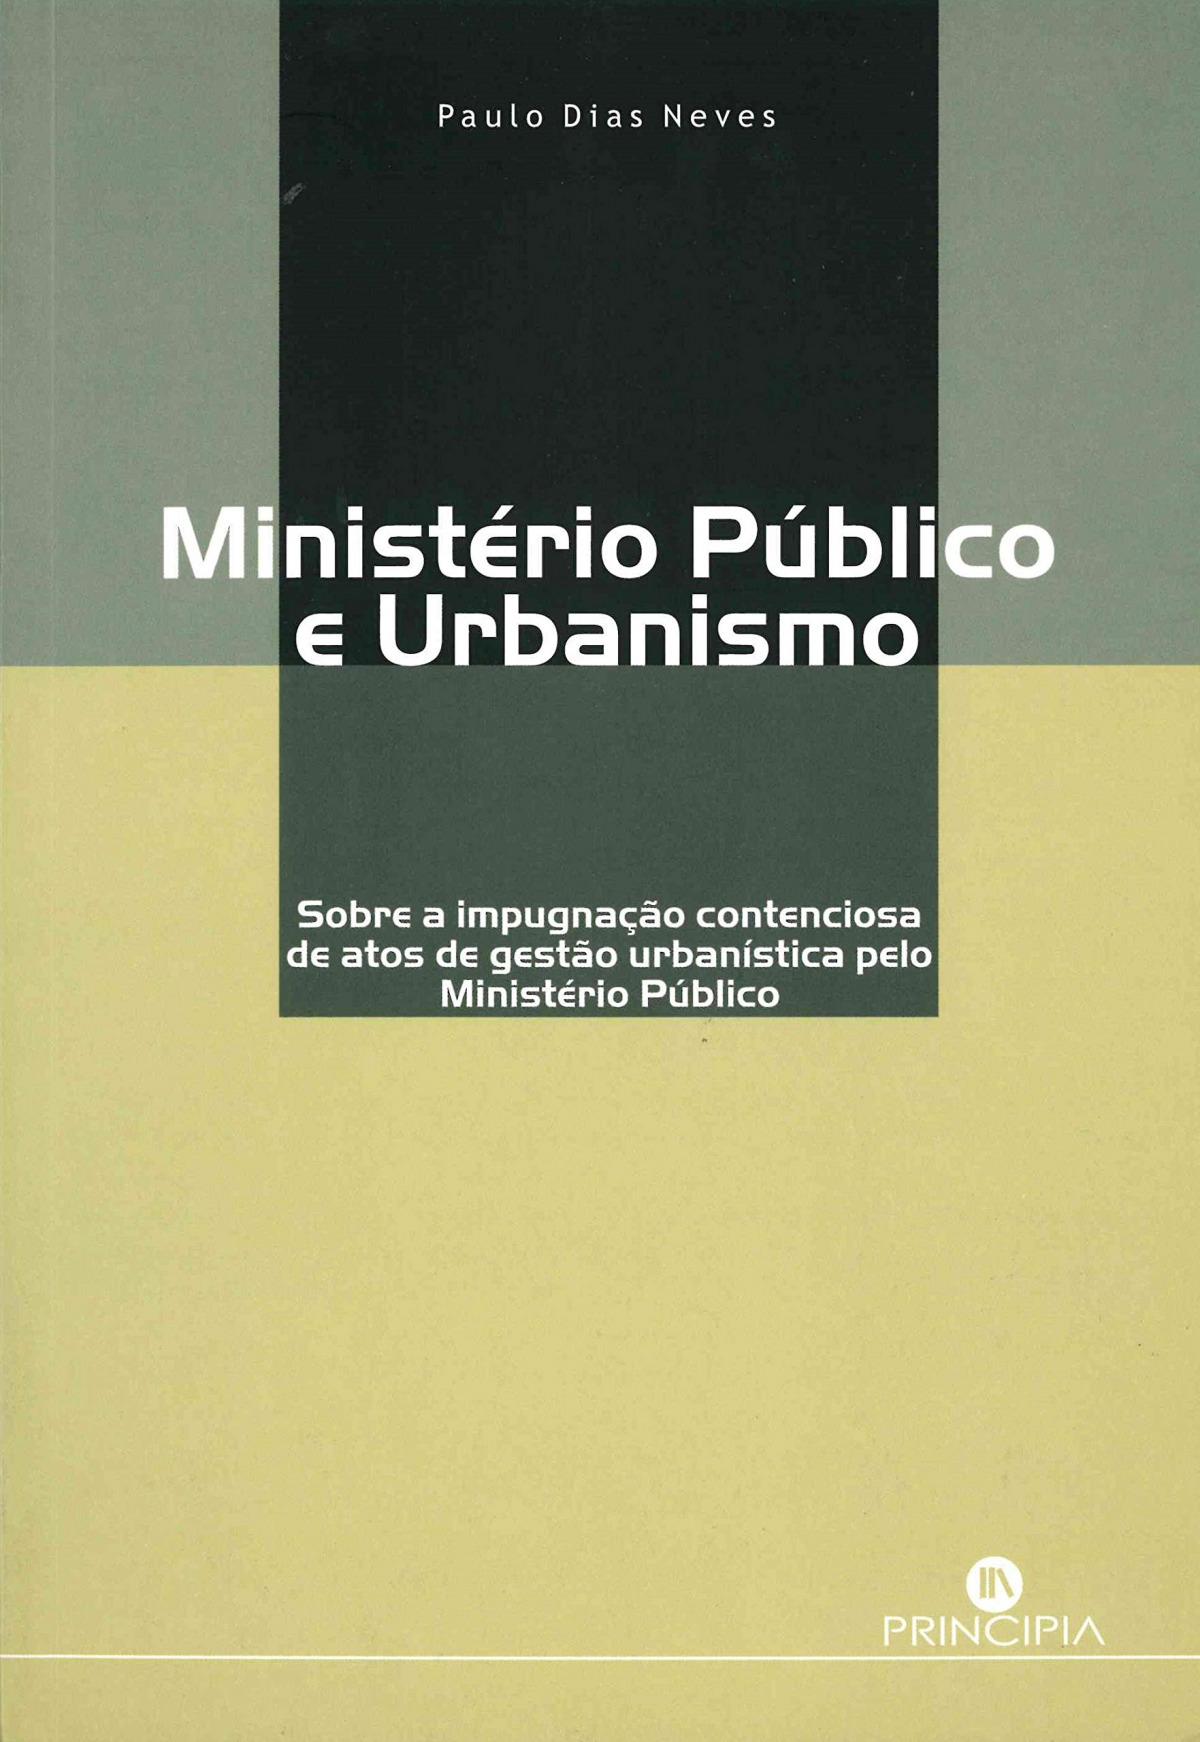 Ministerio Publico e Urbanismo 9789897160851